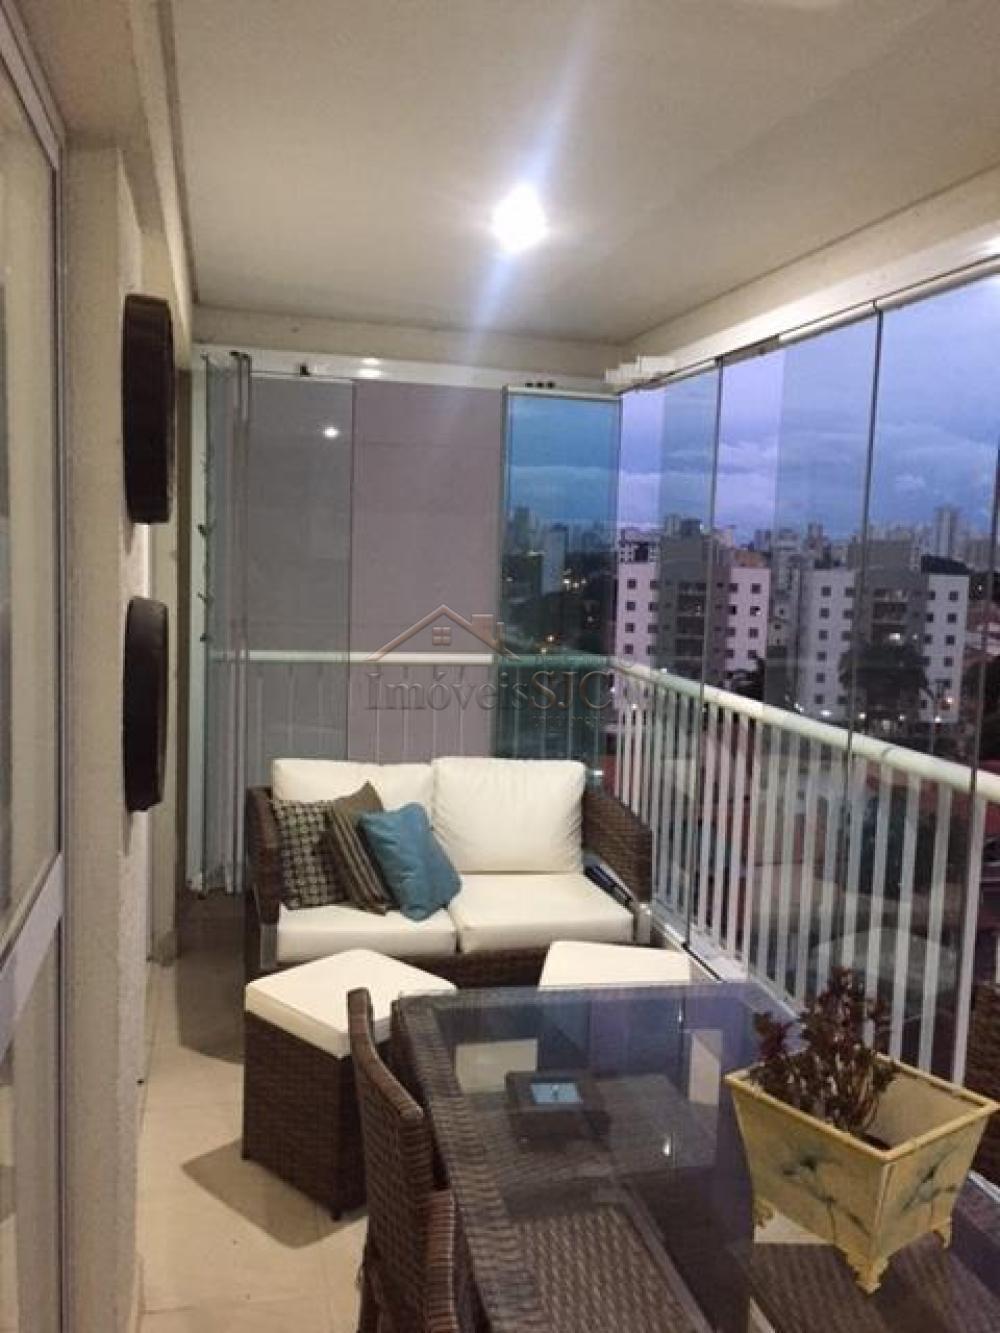 Alugar Apartamentos / Padrão em São José dos Campos apenas R$ 3.500,00 - Foto 4